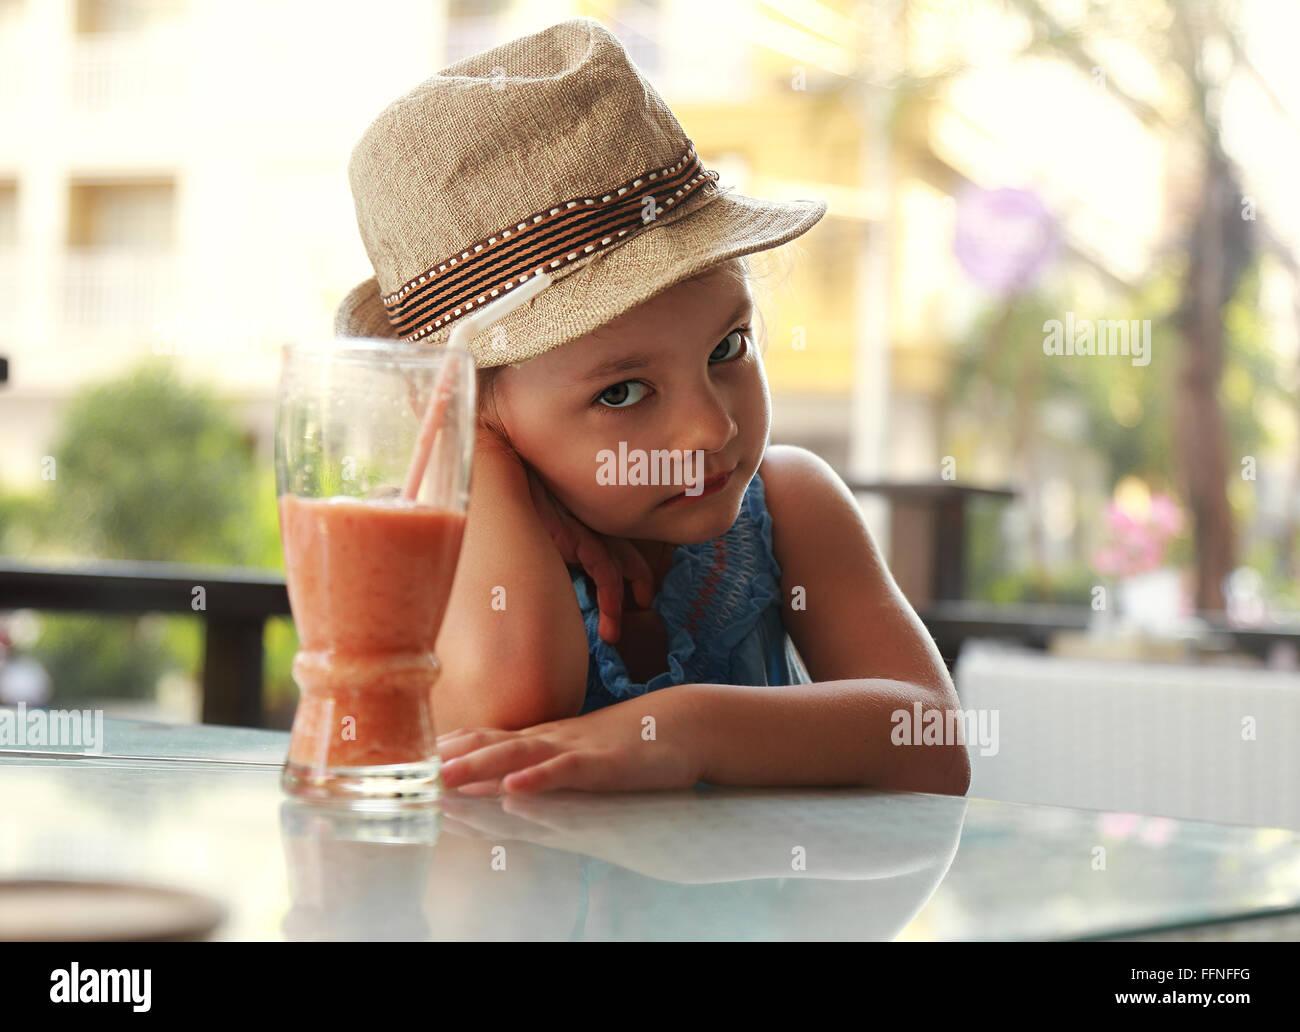 Malheureux Cute kid sitting in restaurant et ne pas vouloir boire de jus sains sur fond d'été Photo Stock